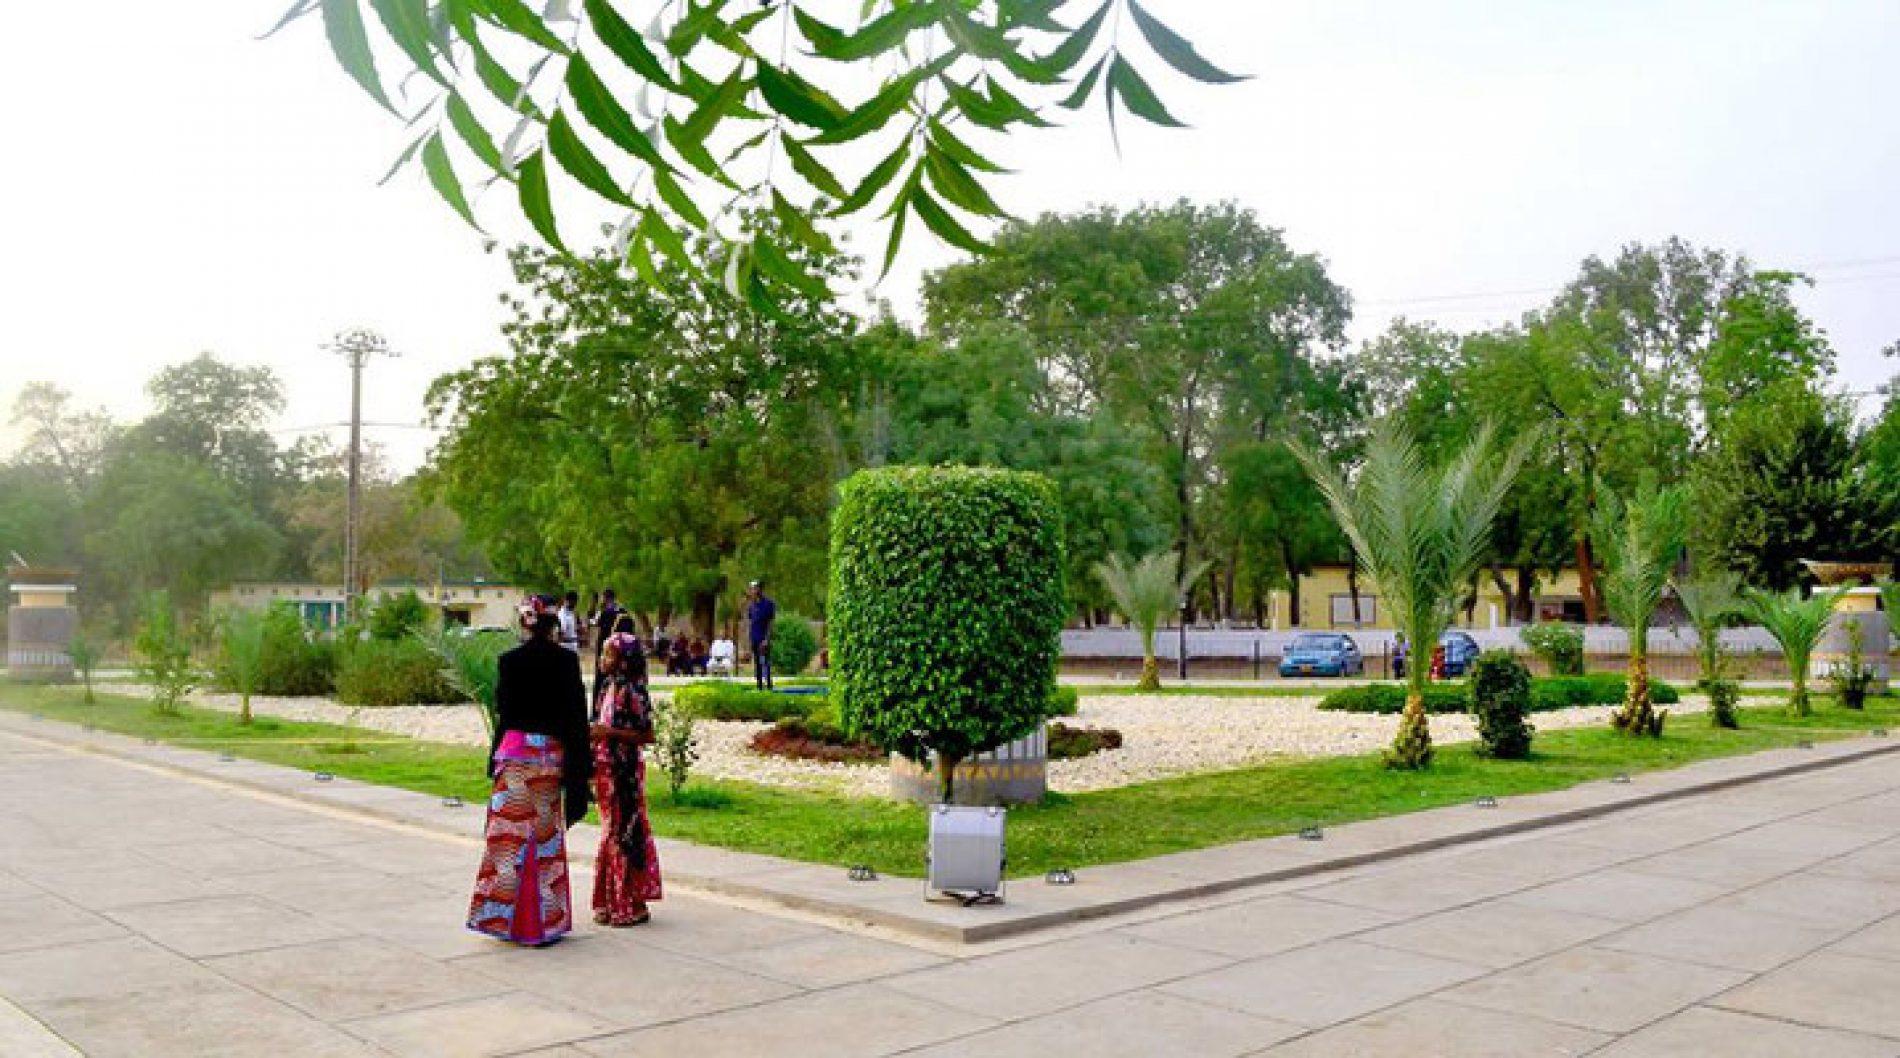 Planification urbaine: Garoua bientôt dotée d'une station d'épuration